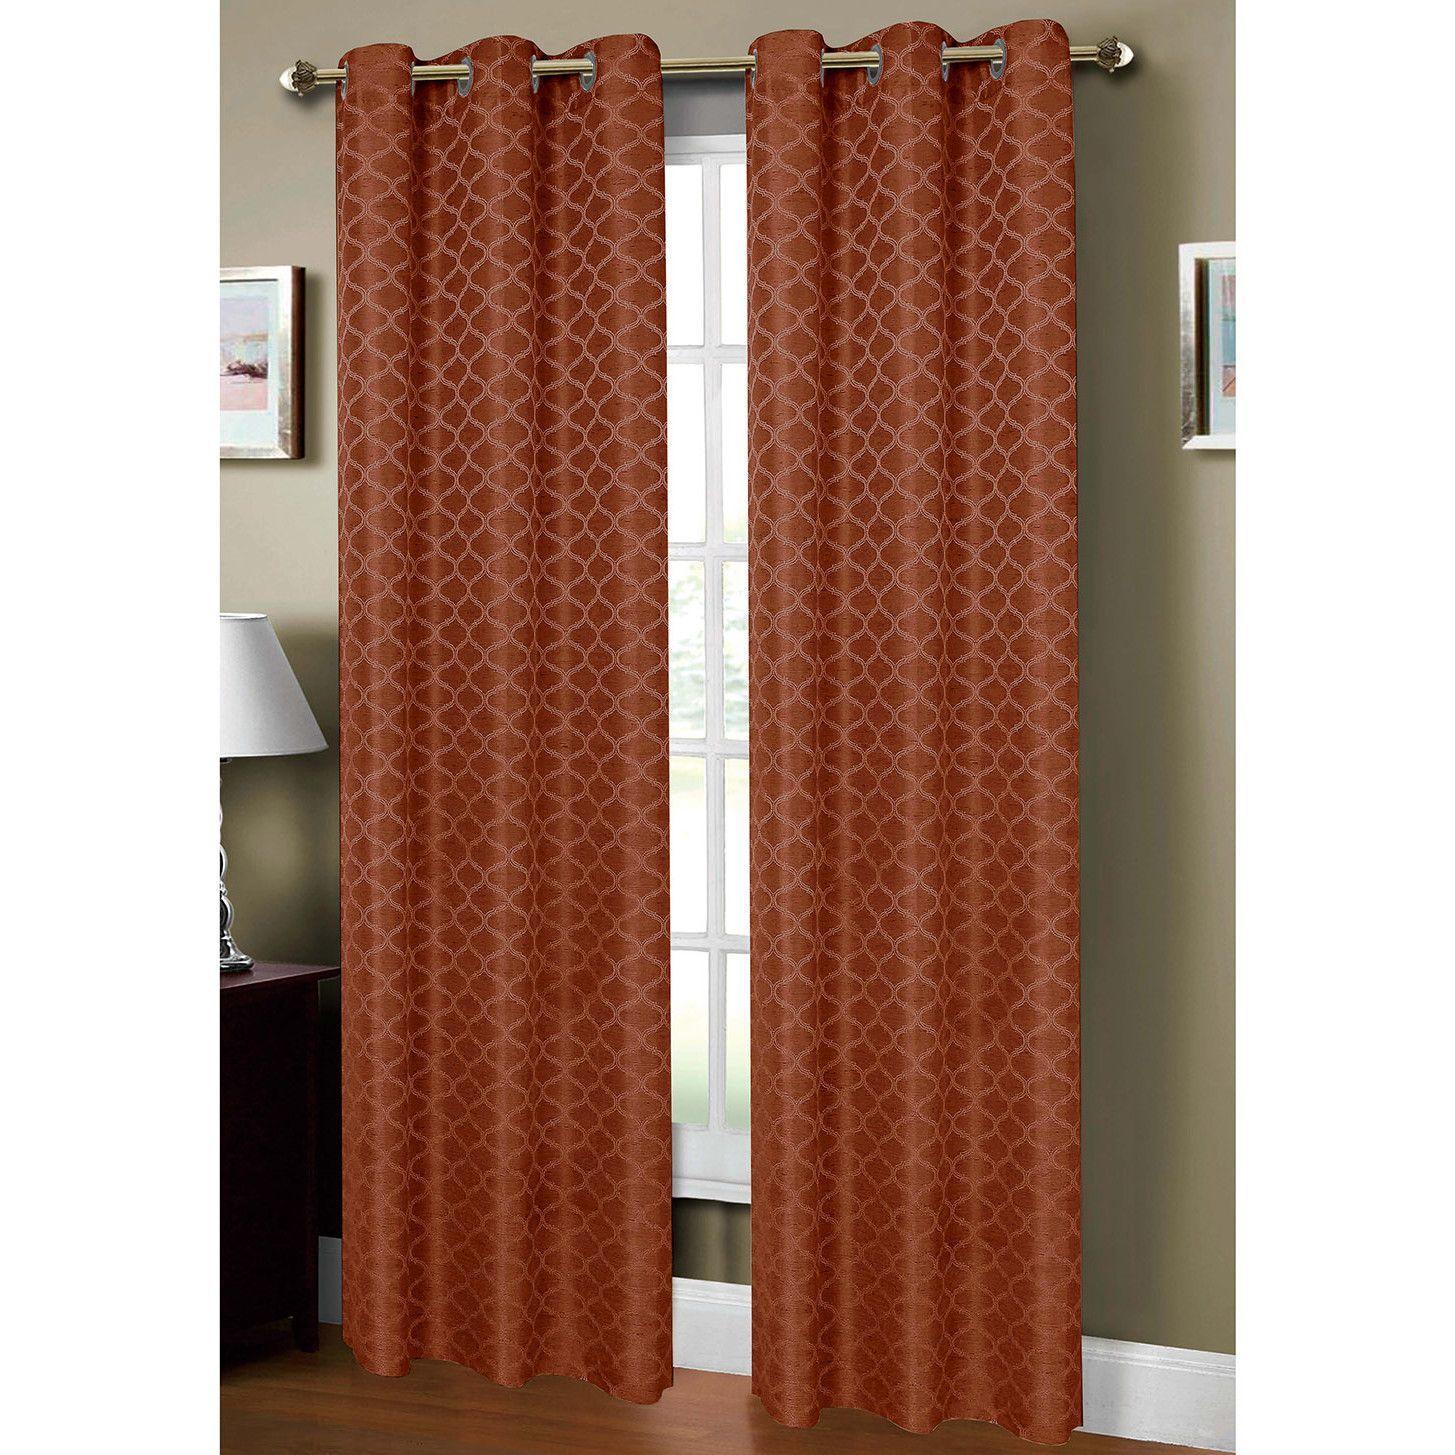 Sonata Woven Lattice Jacquard Extra Wide Grommet Single Curtain Panel  Extra Wide Curtain Panels